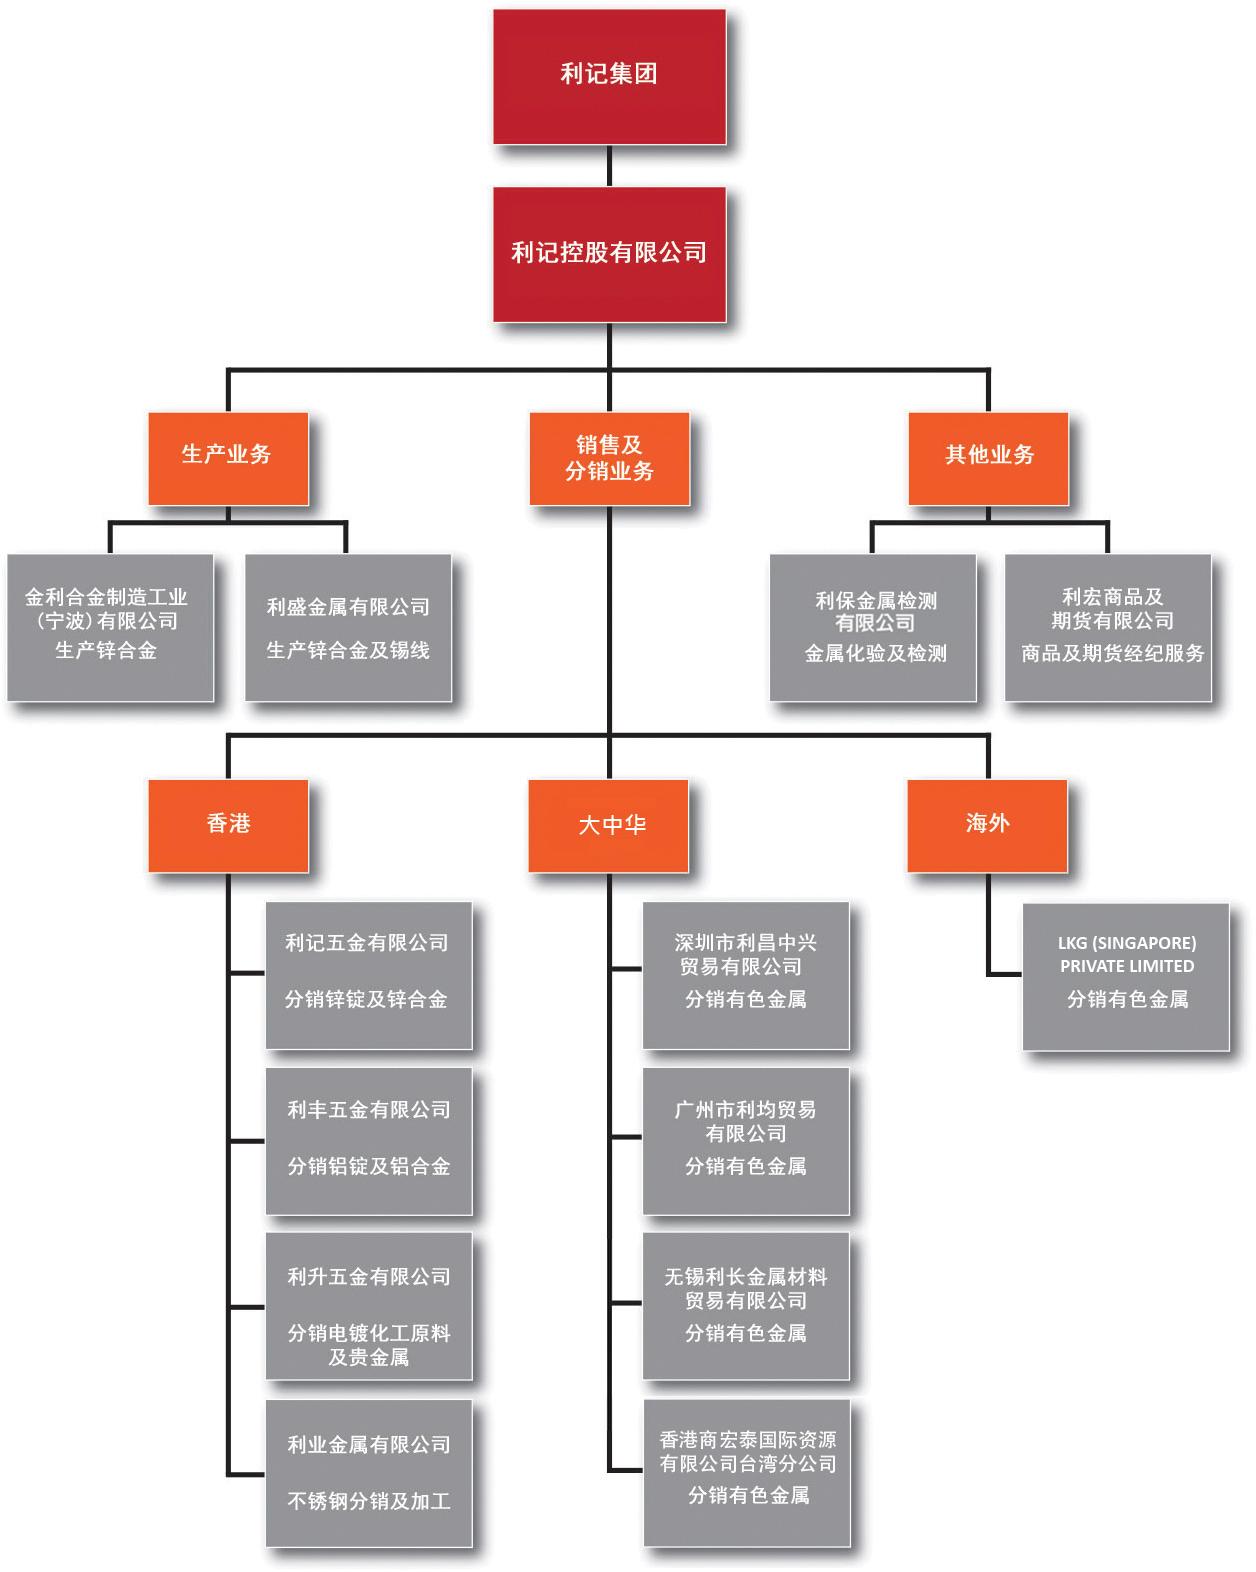 organisation structure sim_825